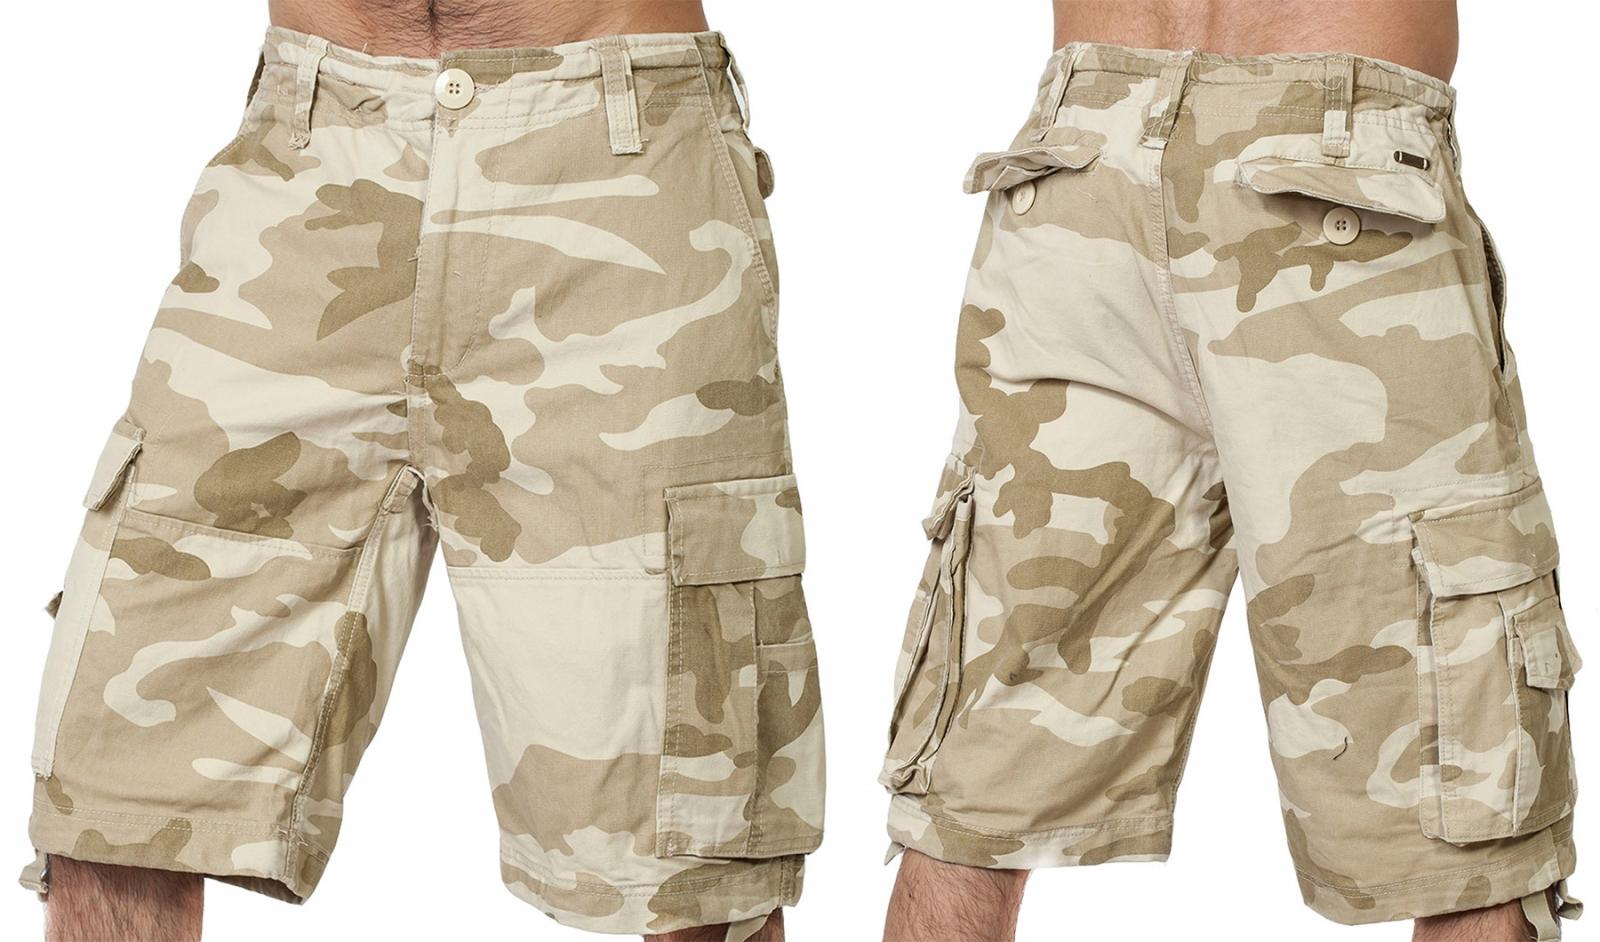 Армейские шорты карго в пустынном камуфляже от Brandit.